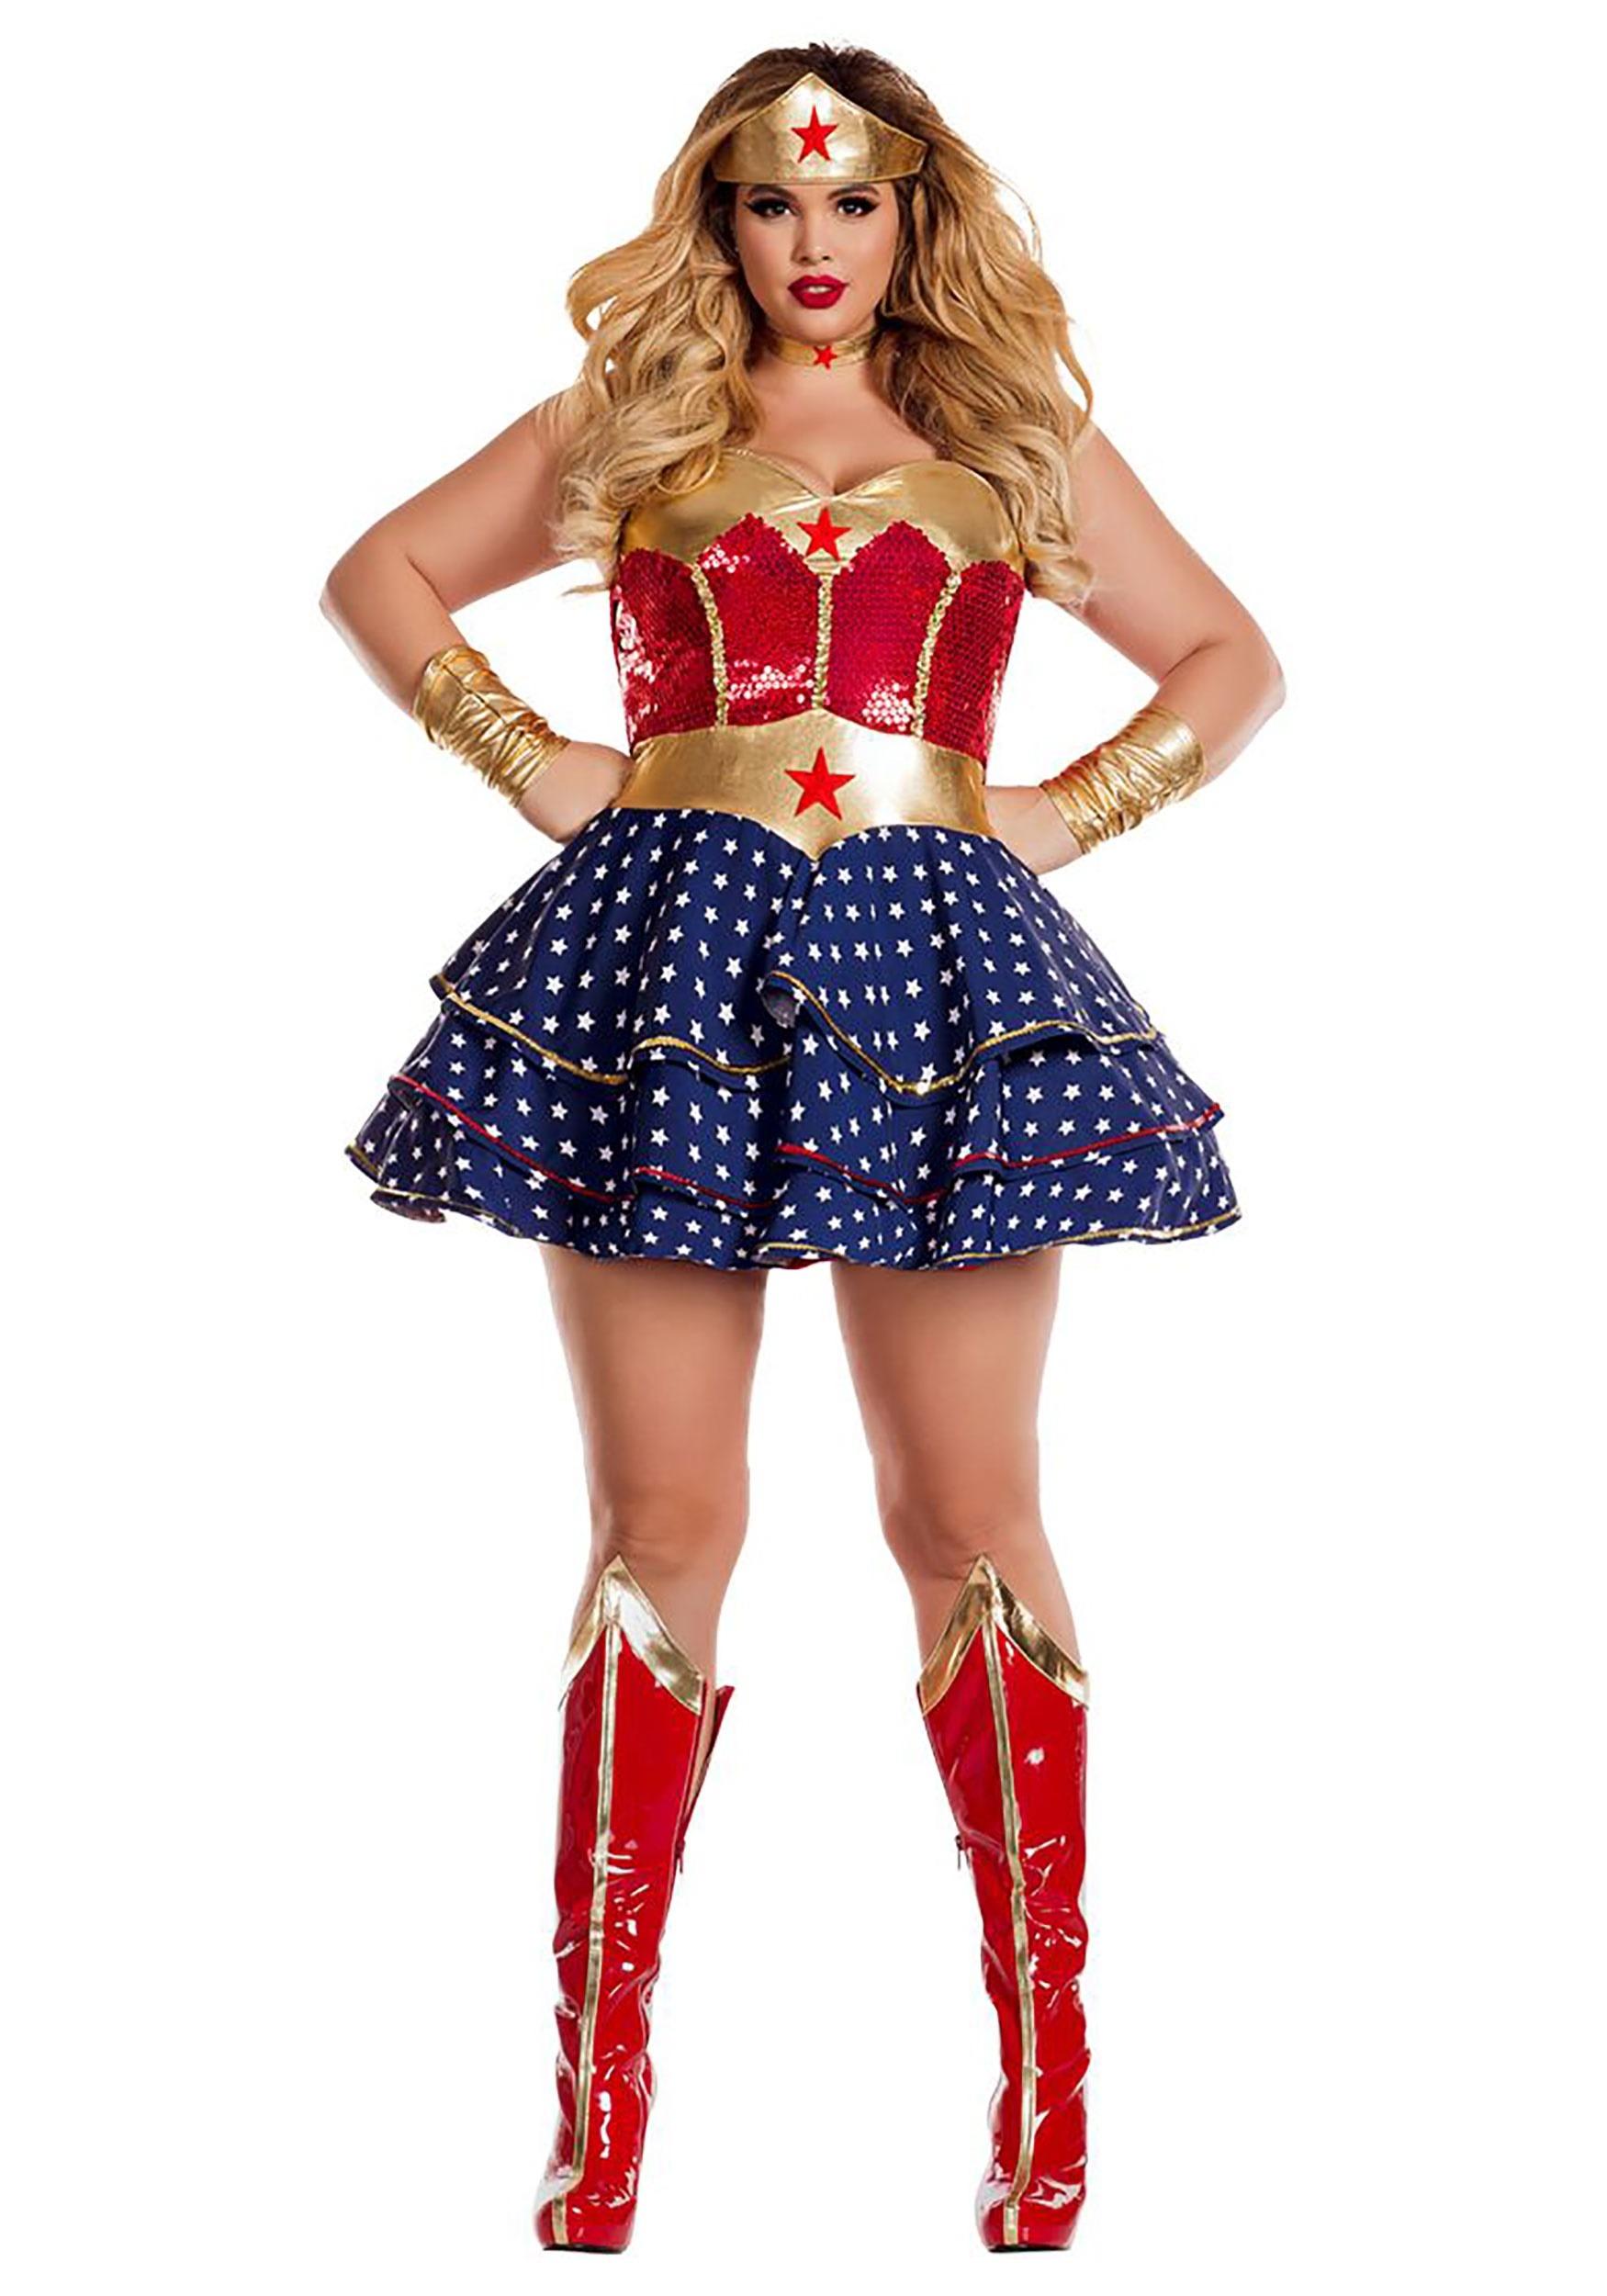 Wonderful Sweetheart Plus Size Fancy Dress Costume for Women